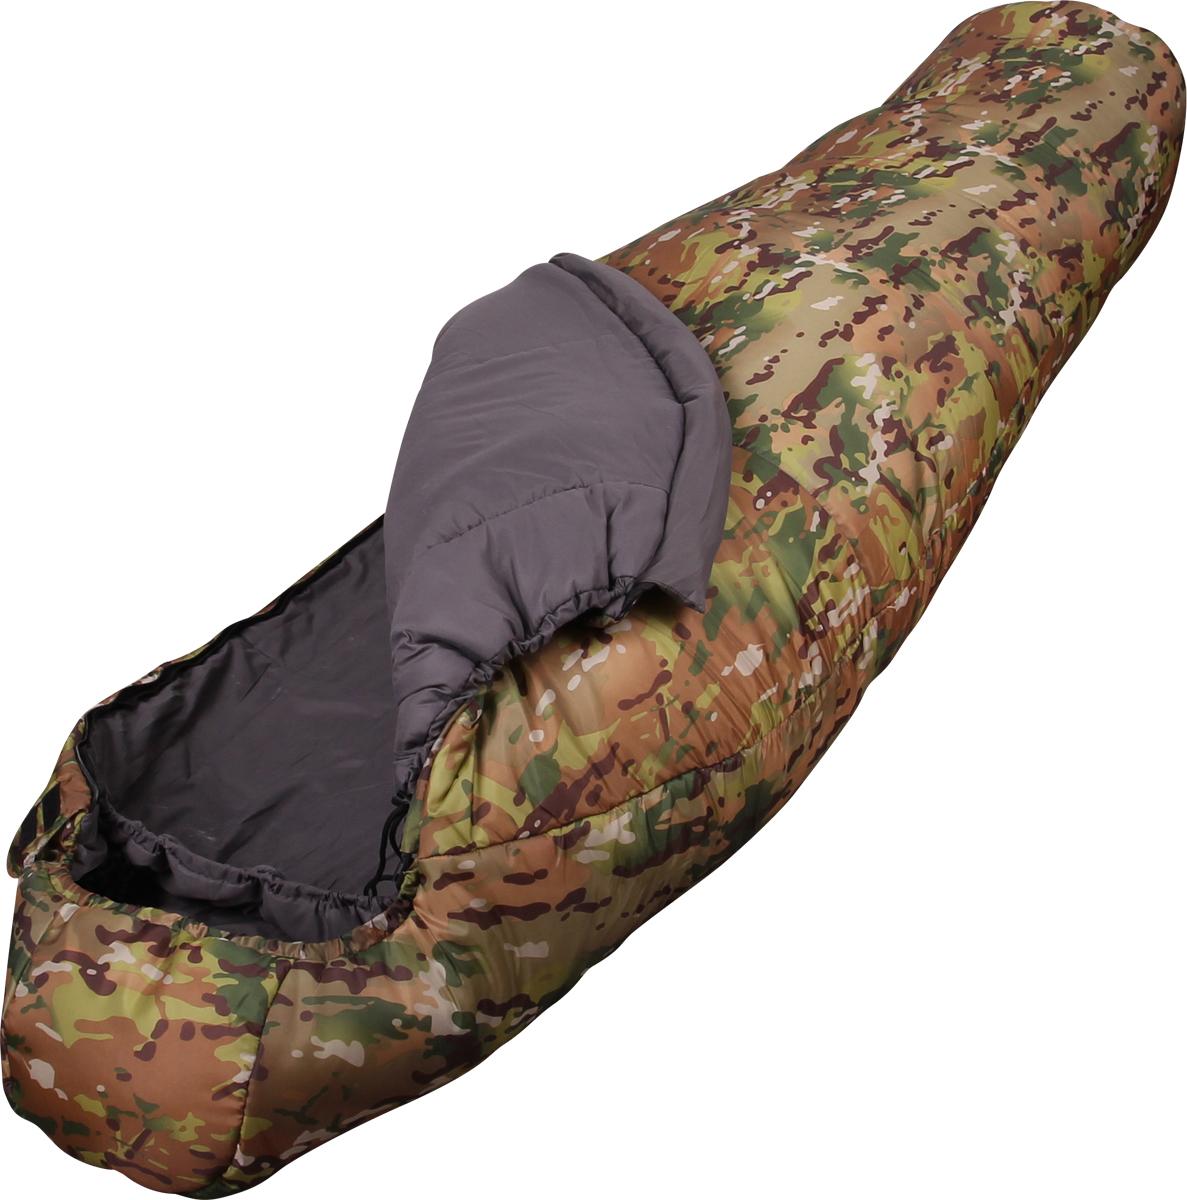 Мешок спальный Сплав Ranger 3, правосторонняя молния, цвет: бежевый, 210 x 80 x 55 см4507663Сплав Ranger 3 -компактный и легкий спальный мешок для походов, путешествий и кемпинга.Температура использования:Комфорт: +7… +3° С.Экстрим: -13° С.Габариты и вес:Размеры: 210 х 80 х 55 см.Размеры в упакованном виде: диаметр 23 х 40 см.Вес: 1,6 кг.Материалы:Внешняя ткань: Polyester Taffeta 190T.Внутренняя ткань: Polyester Ponge Silk Touch.Утеплитель: Shelter SoftПлотность утеплителя: 150 г/м2.